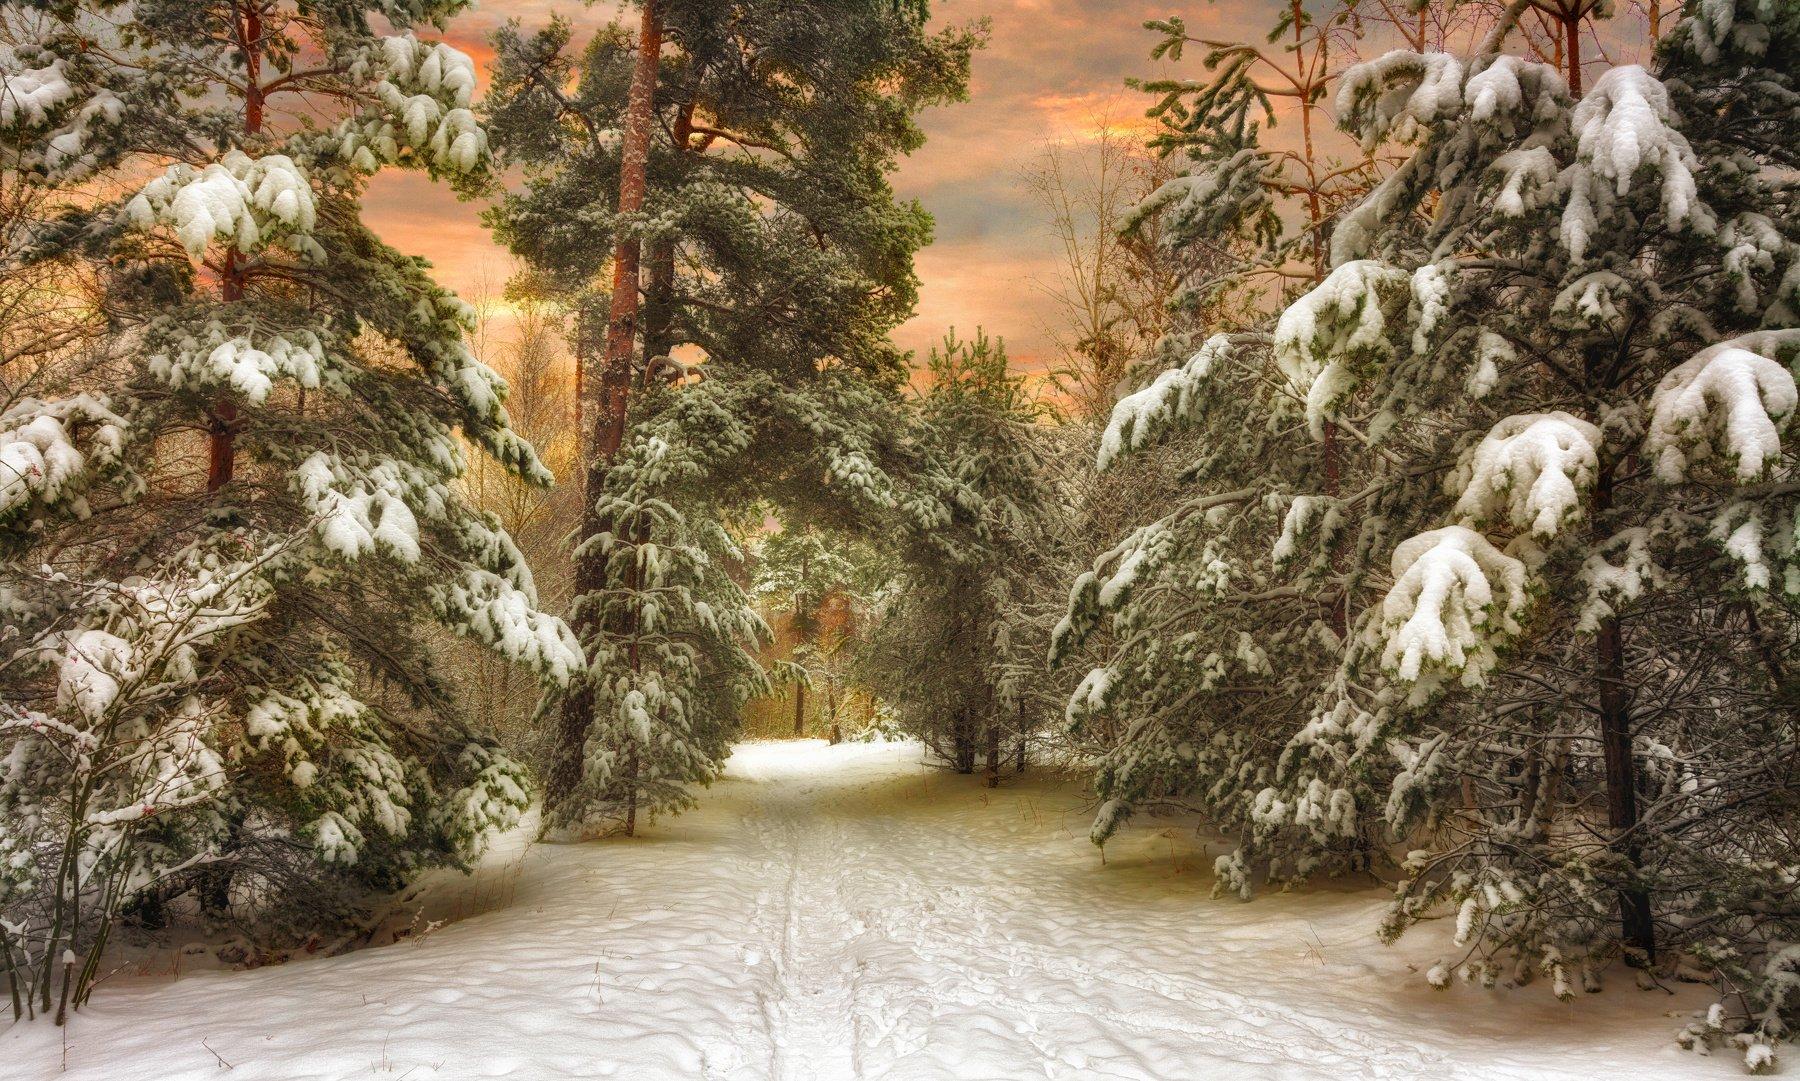 landscape, nature, природа, пейзаж, лес, зима, снег, заснеженные деревья, вечер, закат, небо, Михаил MSH